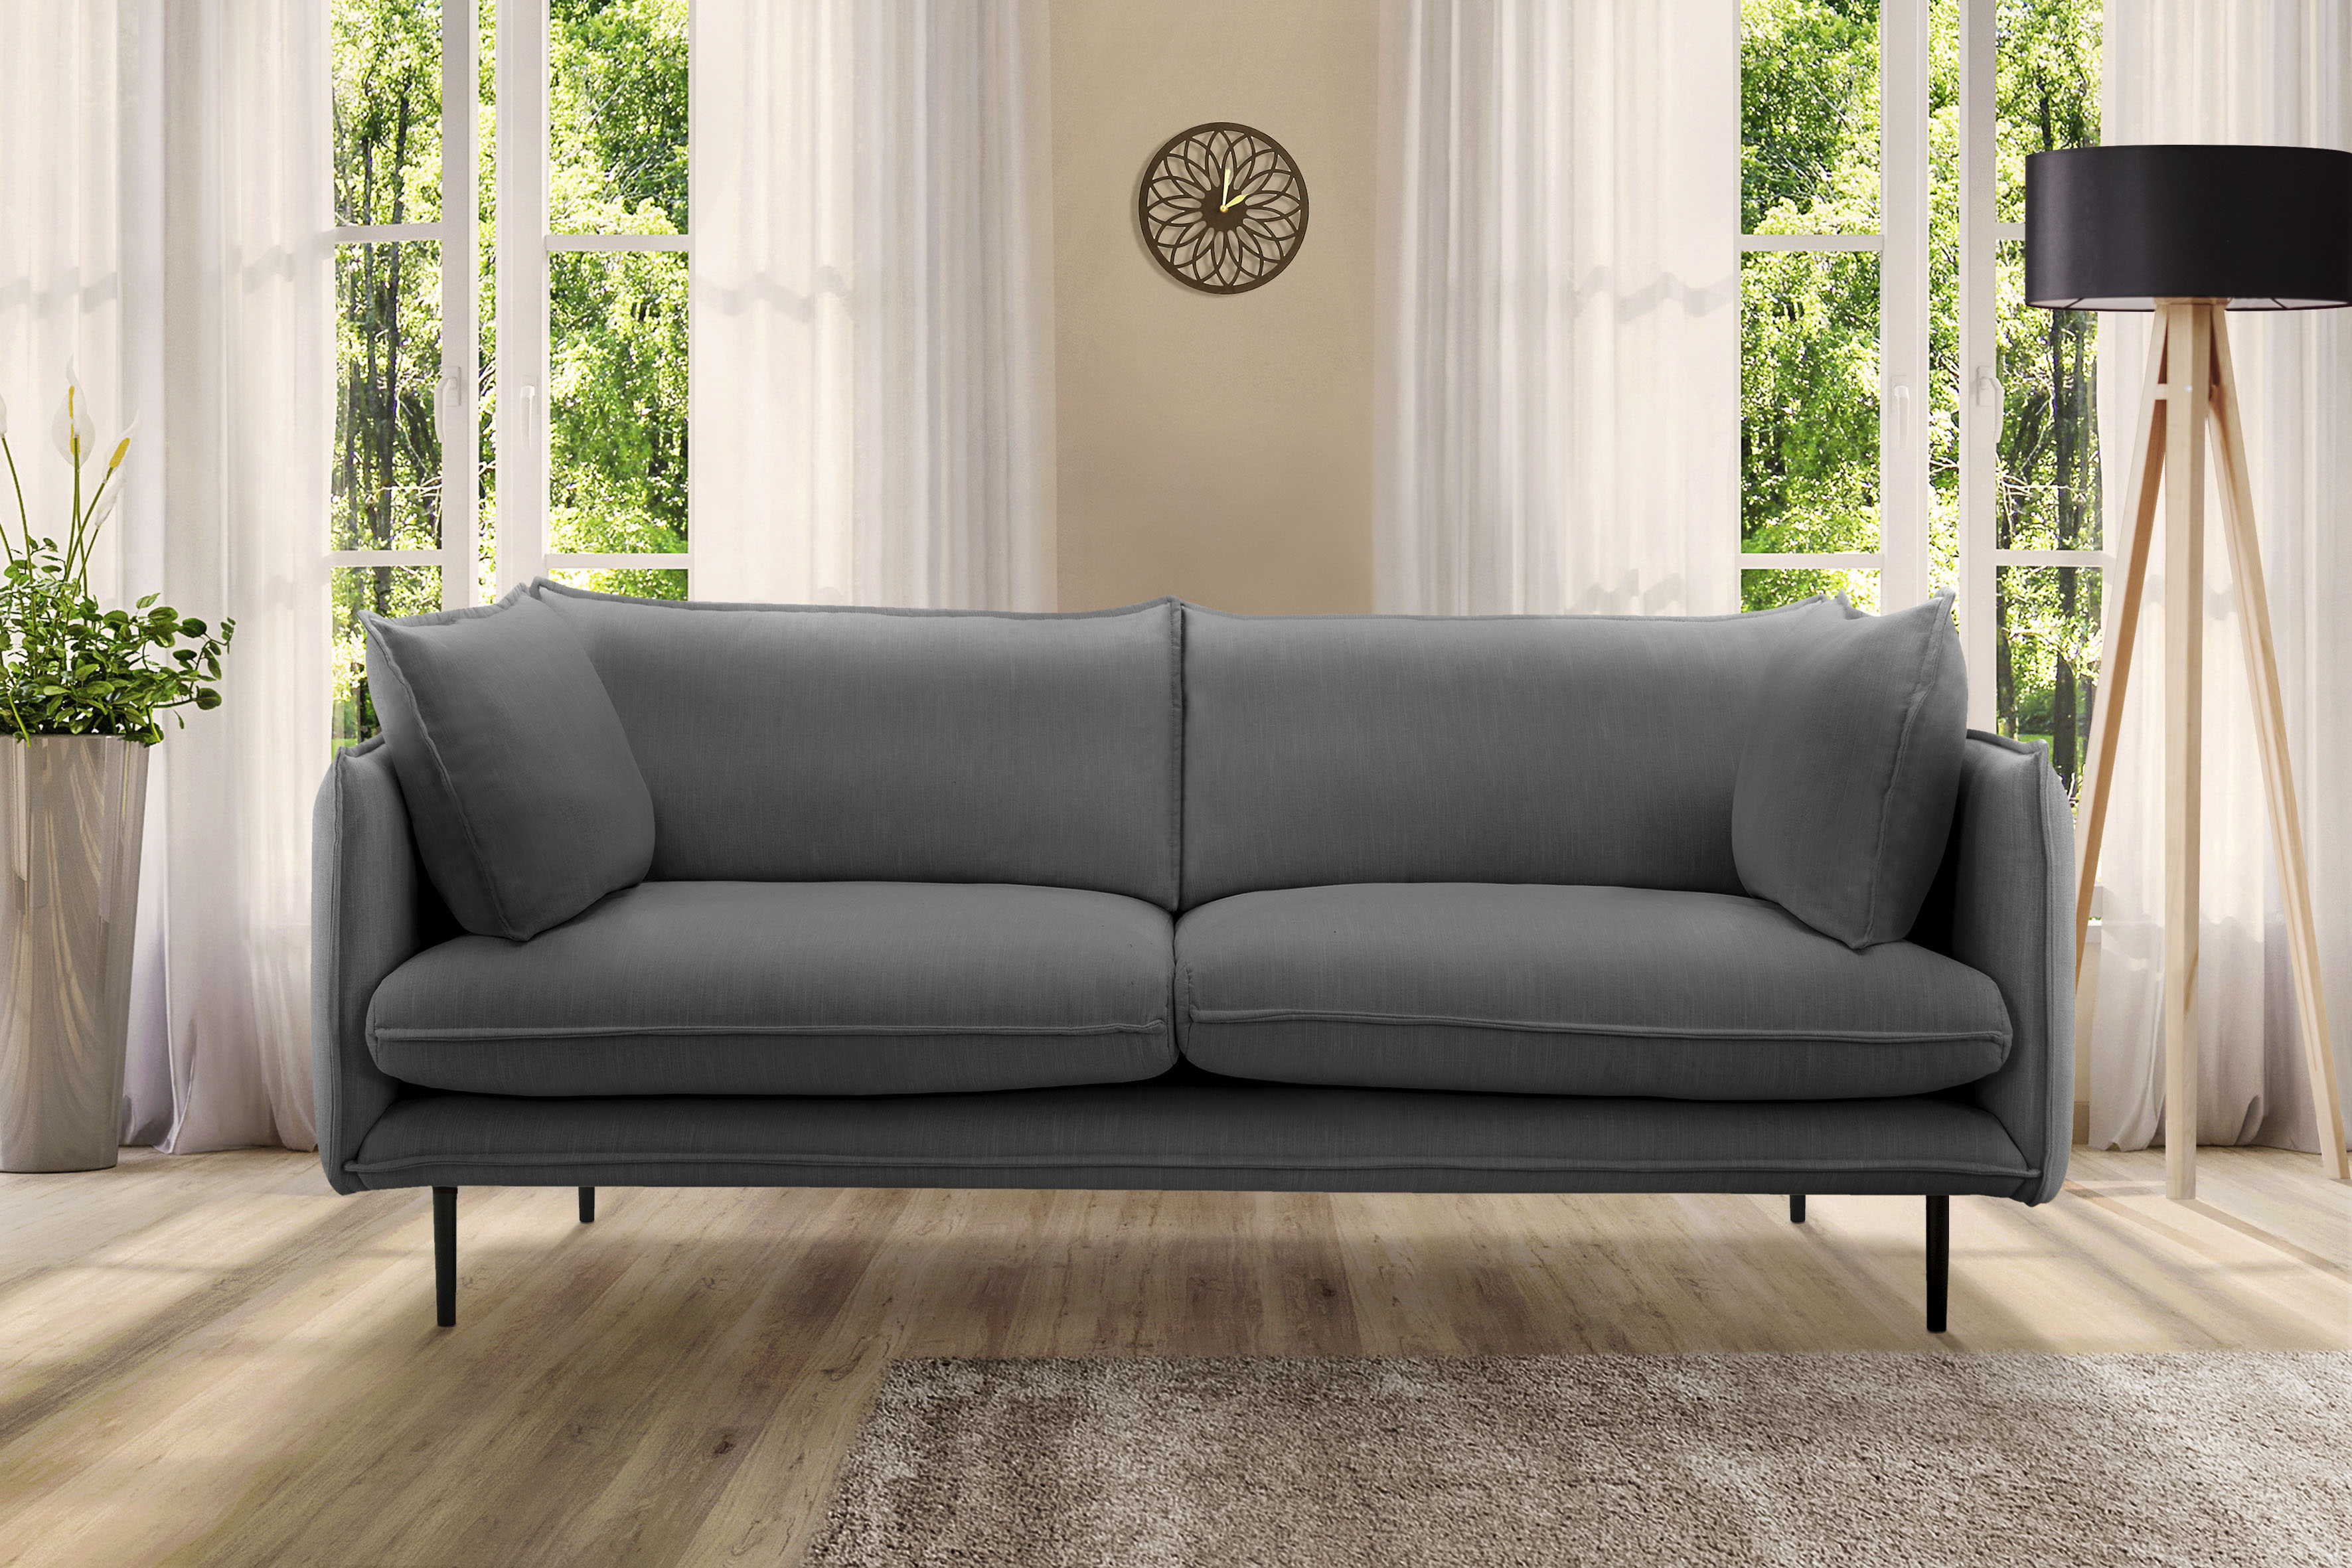 INOSIGN 3-Sitzer Somba